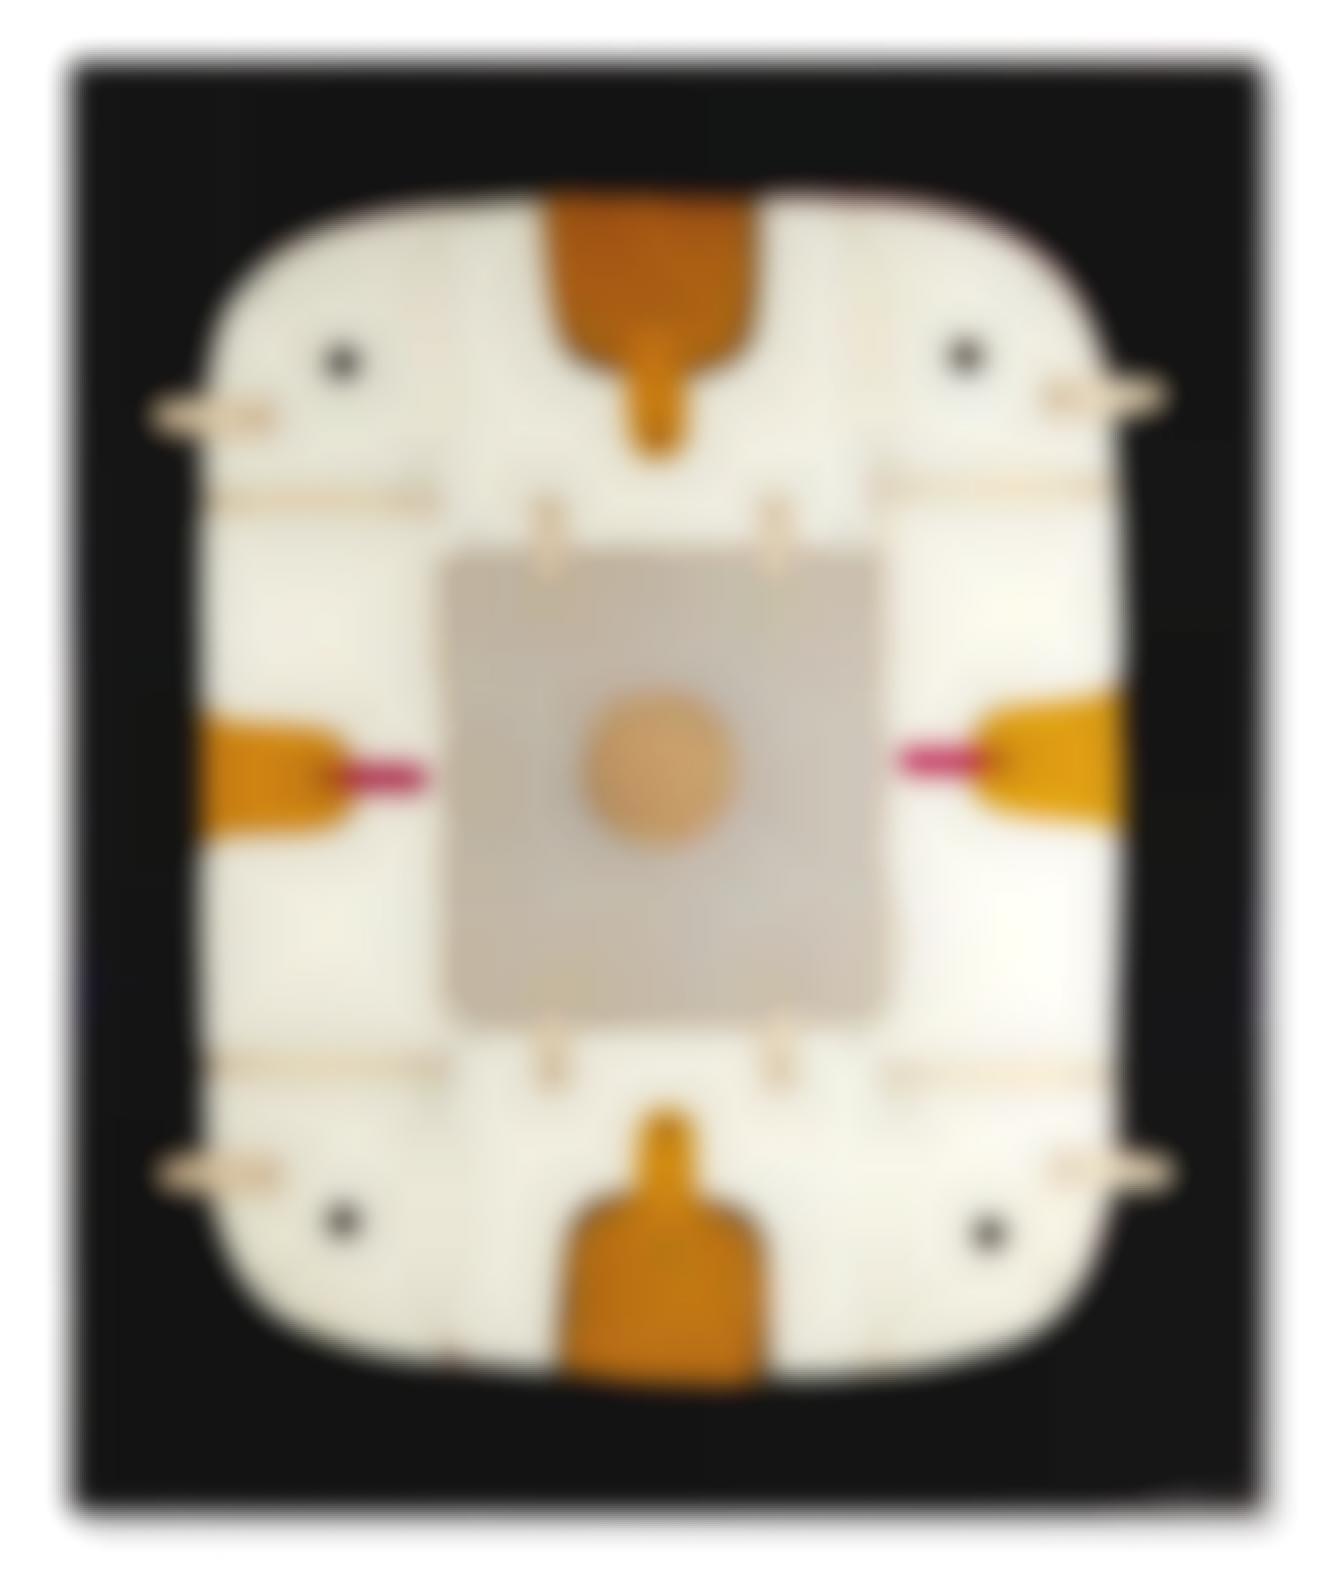 Conrad Marca-Relli-L-11-69-1969